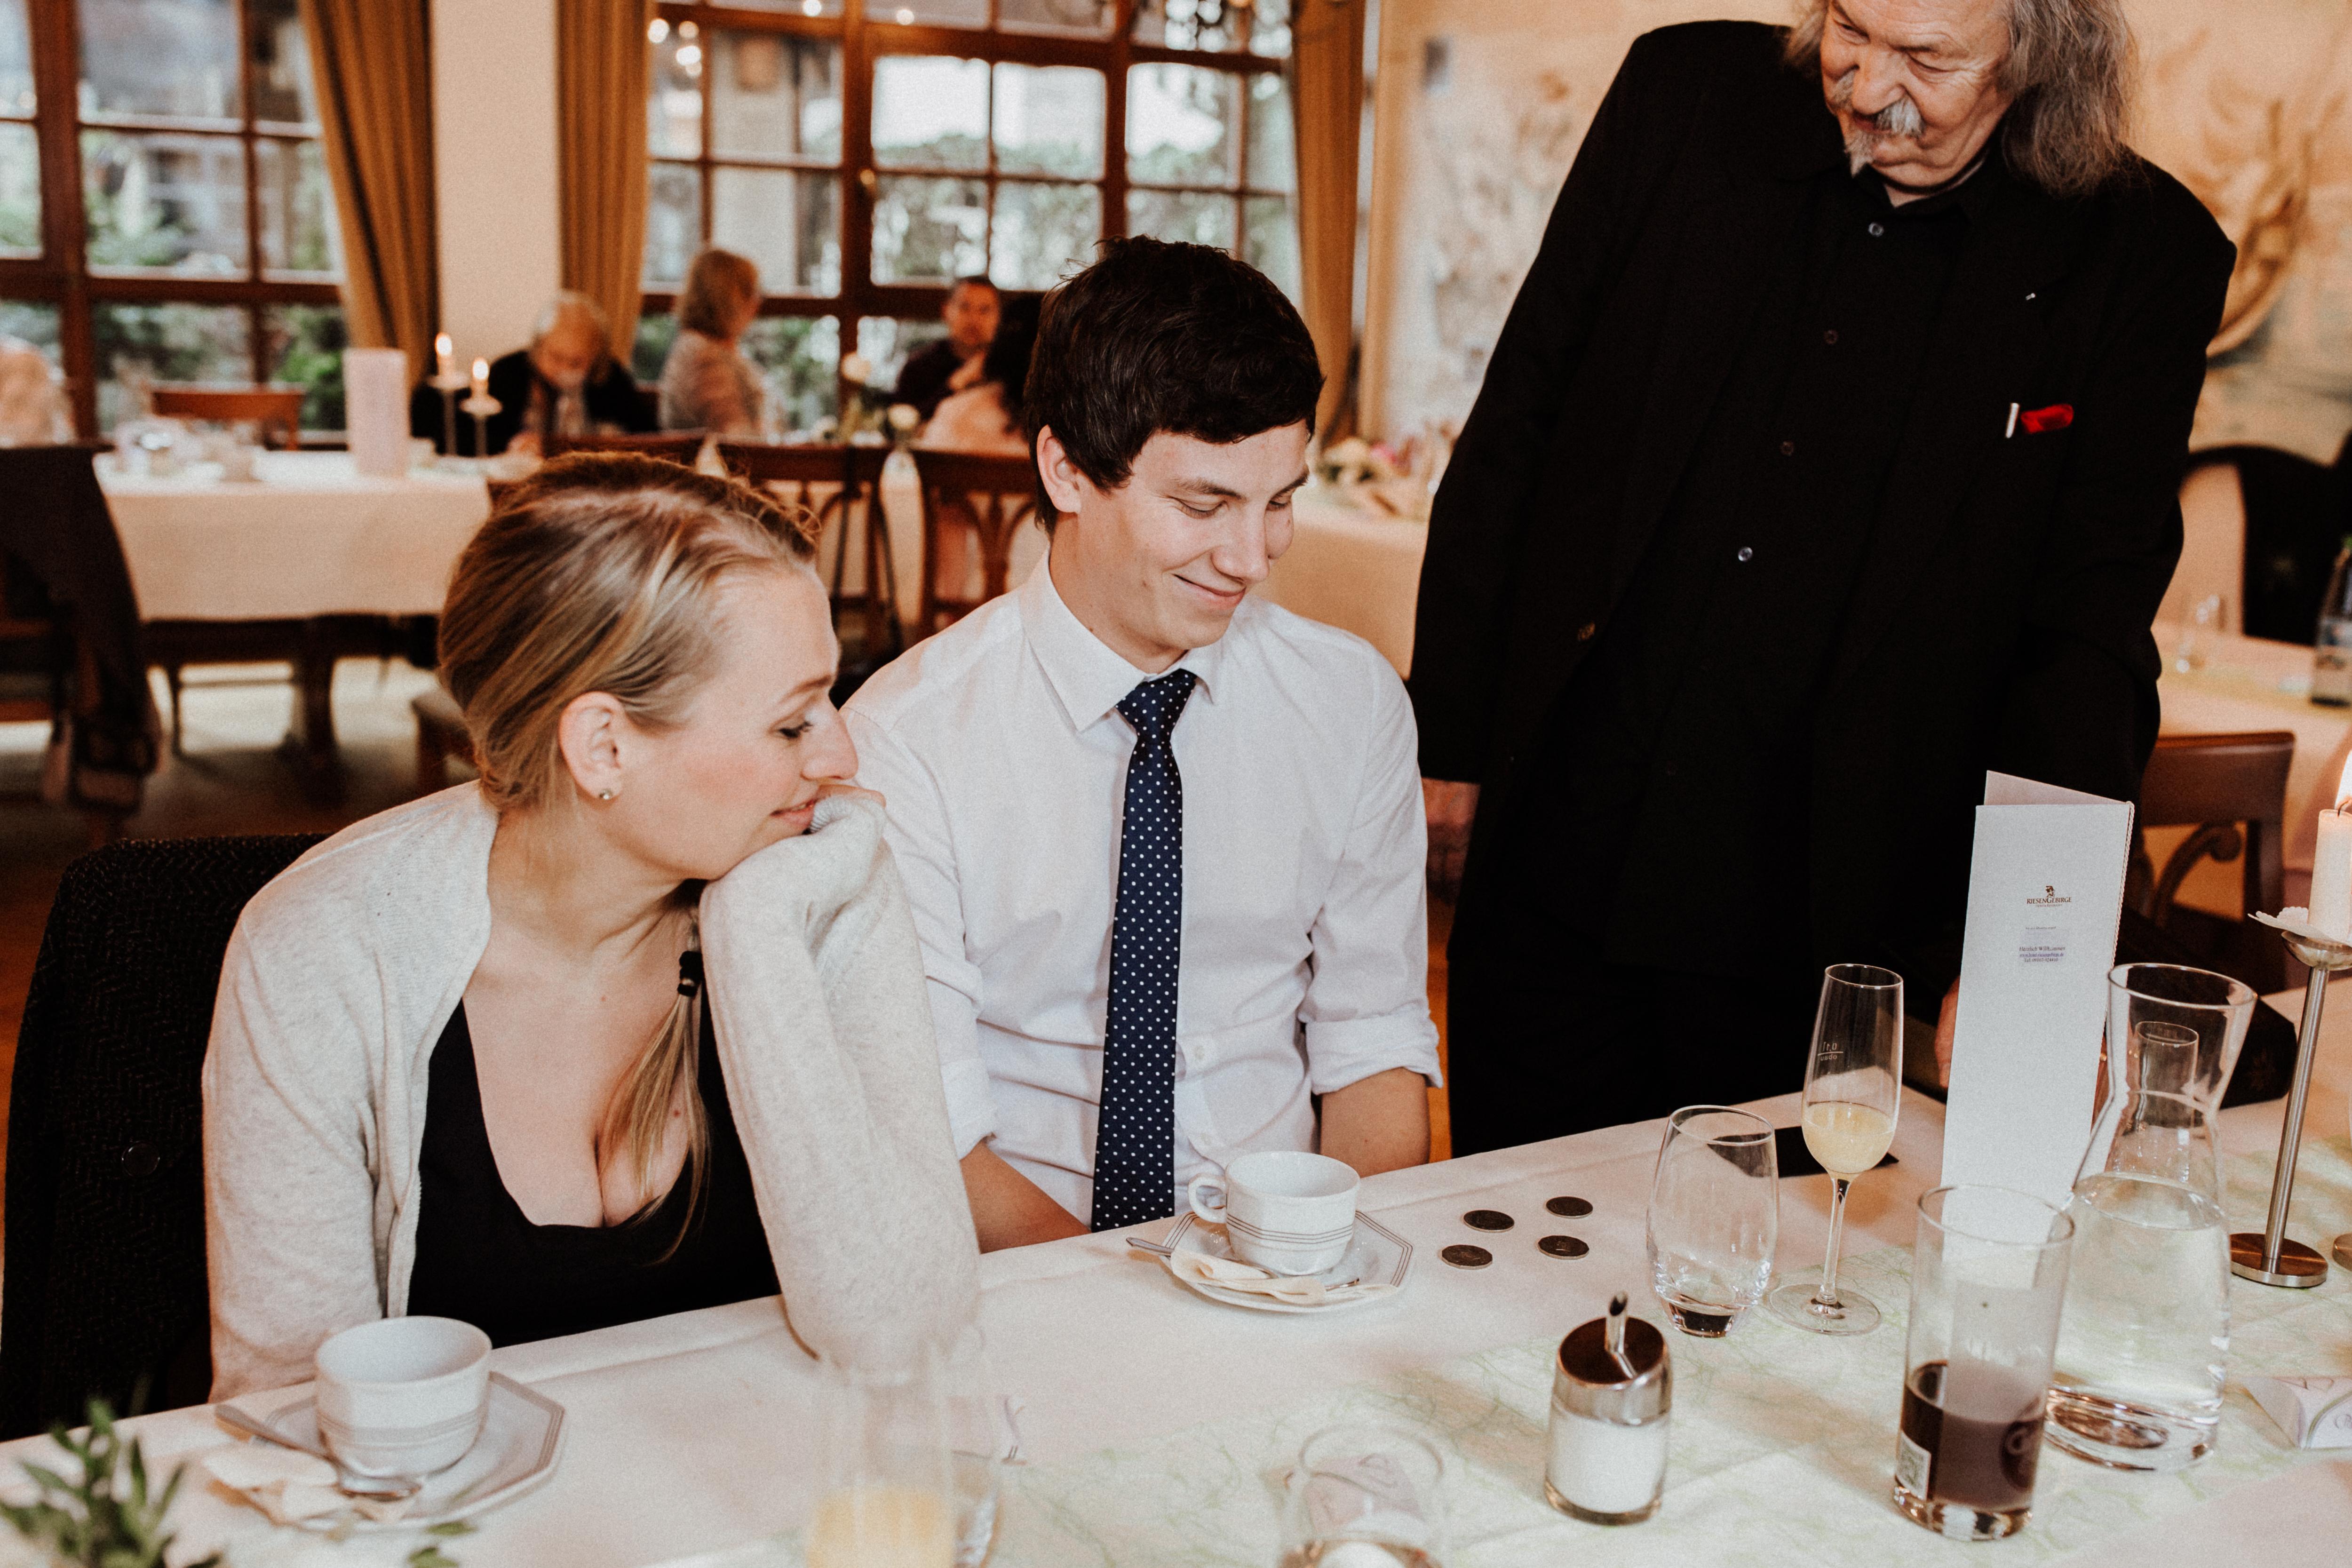 URBANERIE_Daniela_Goth_Hochzeitsfotografin_Nürnberg_Fürth_Erlangen_Schwabach_171007_1243